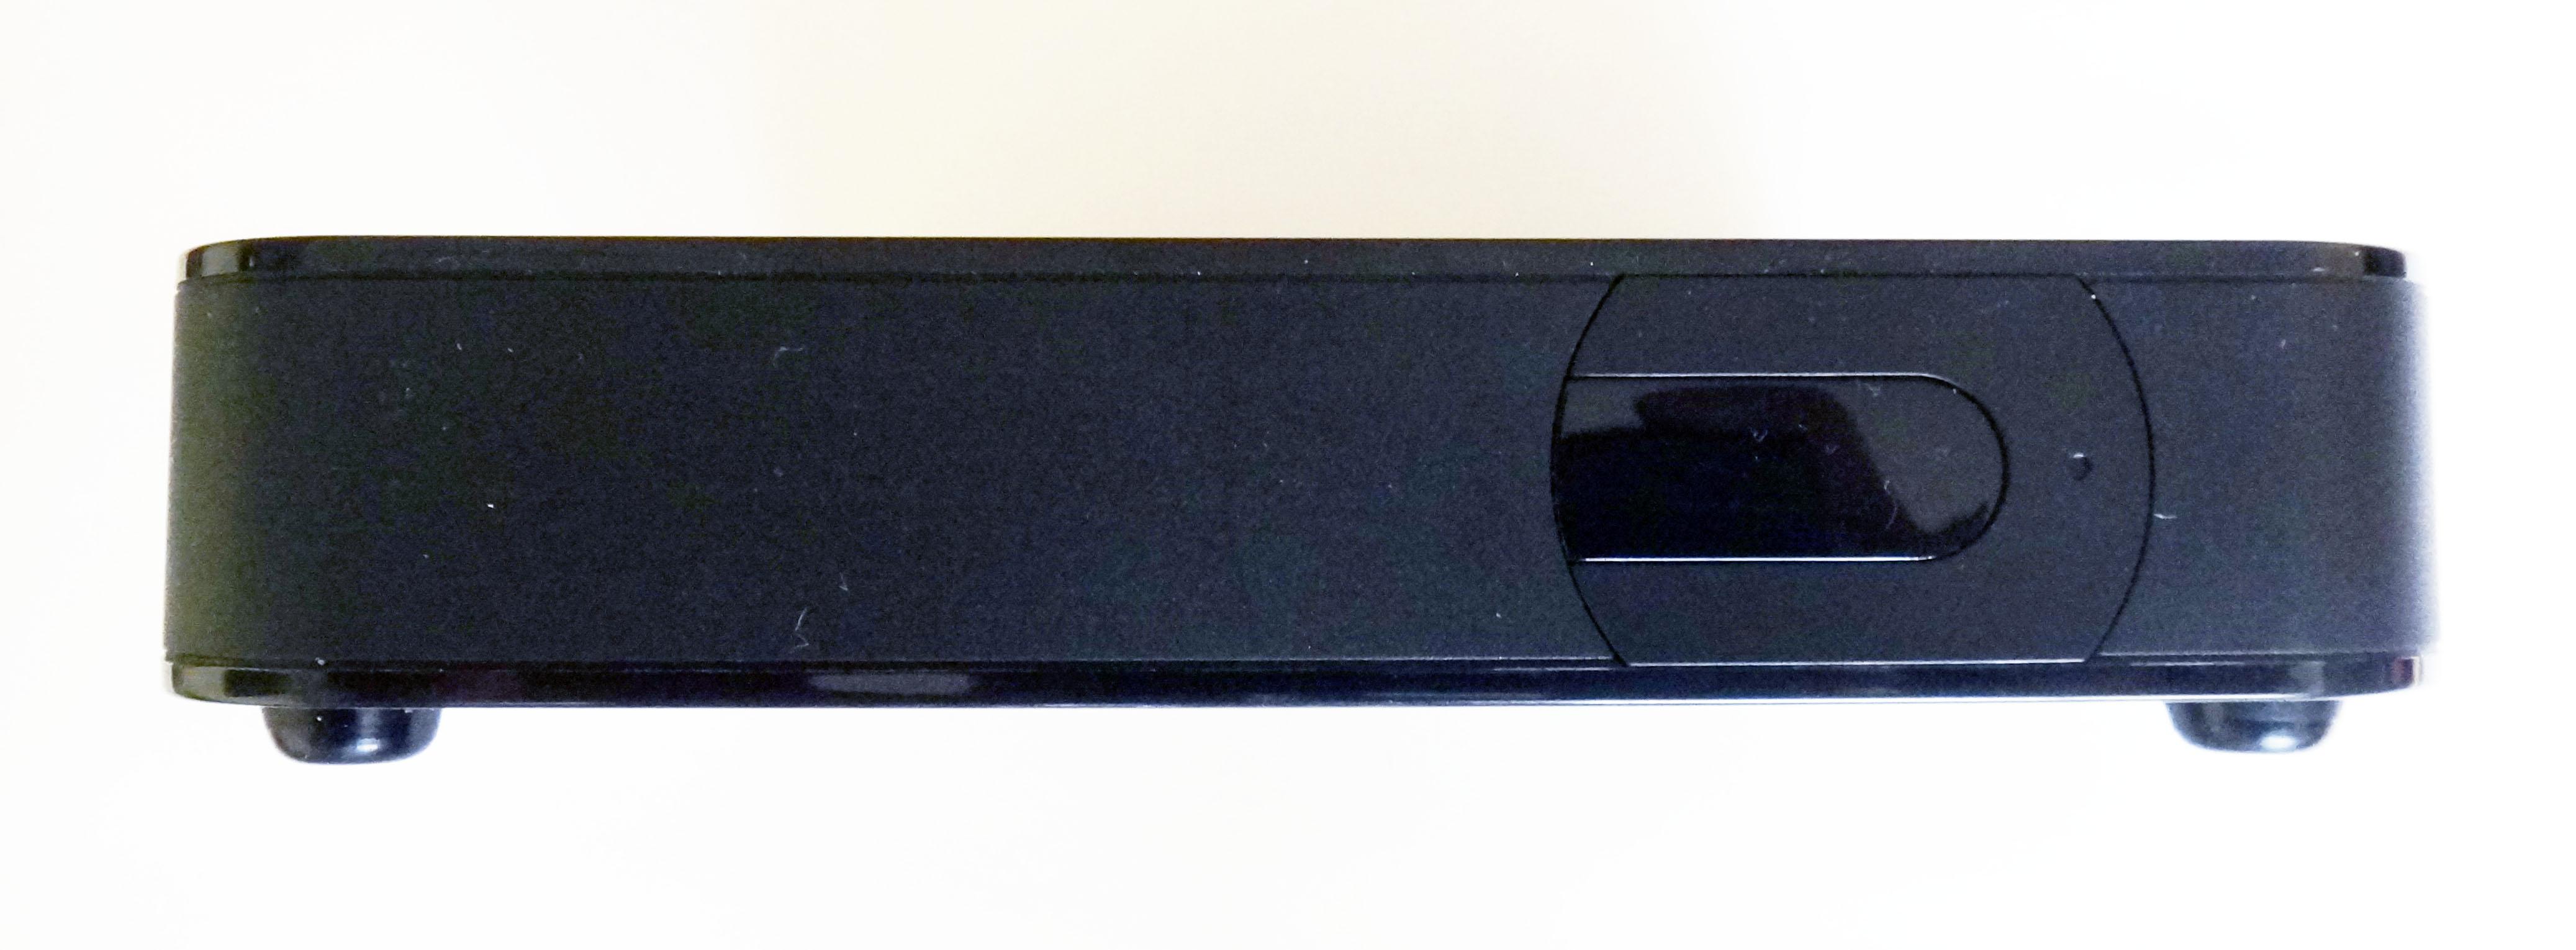 Smart приставка TVzor